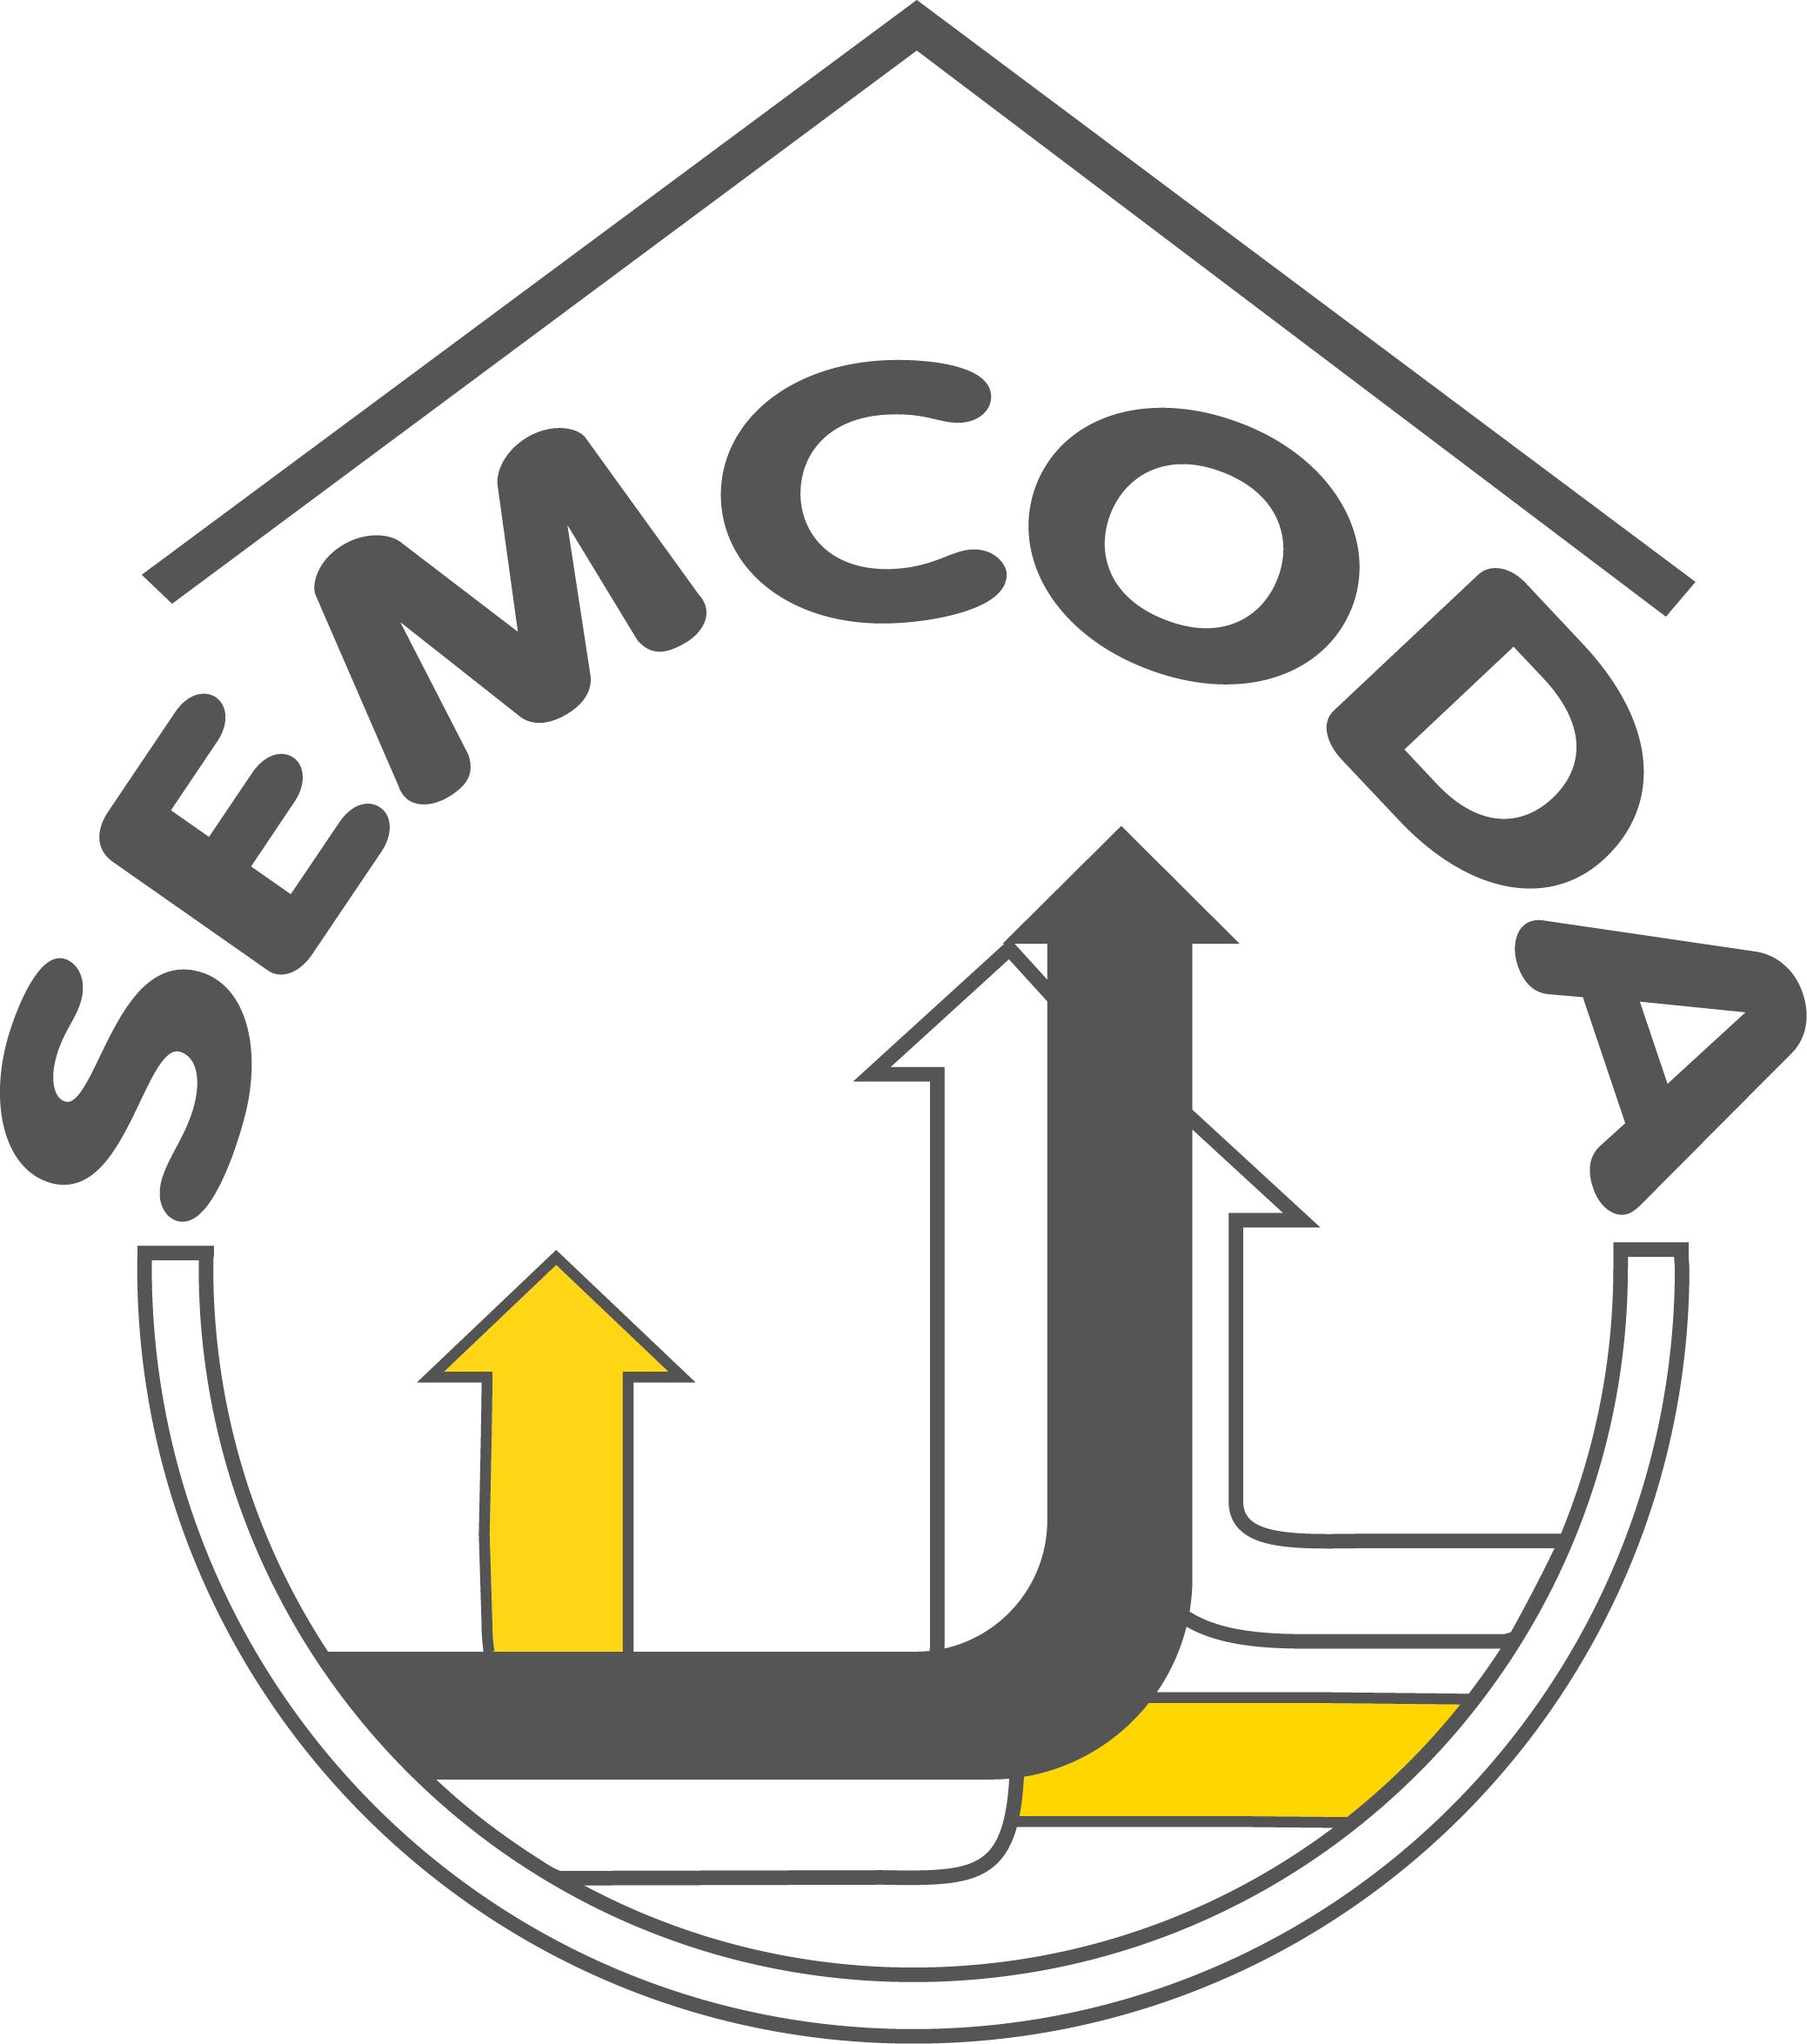 SEMCODA